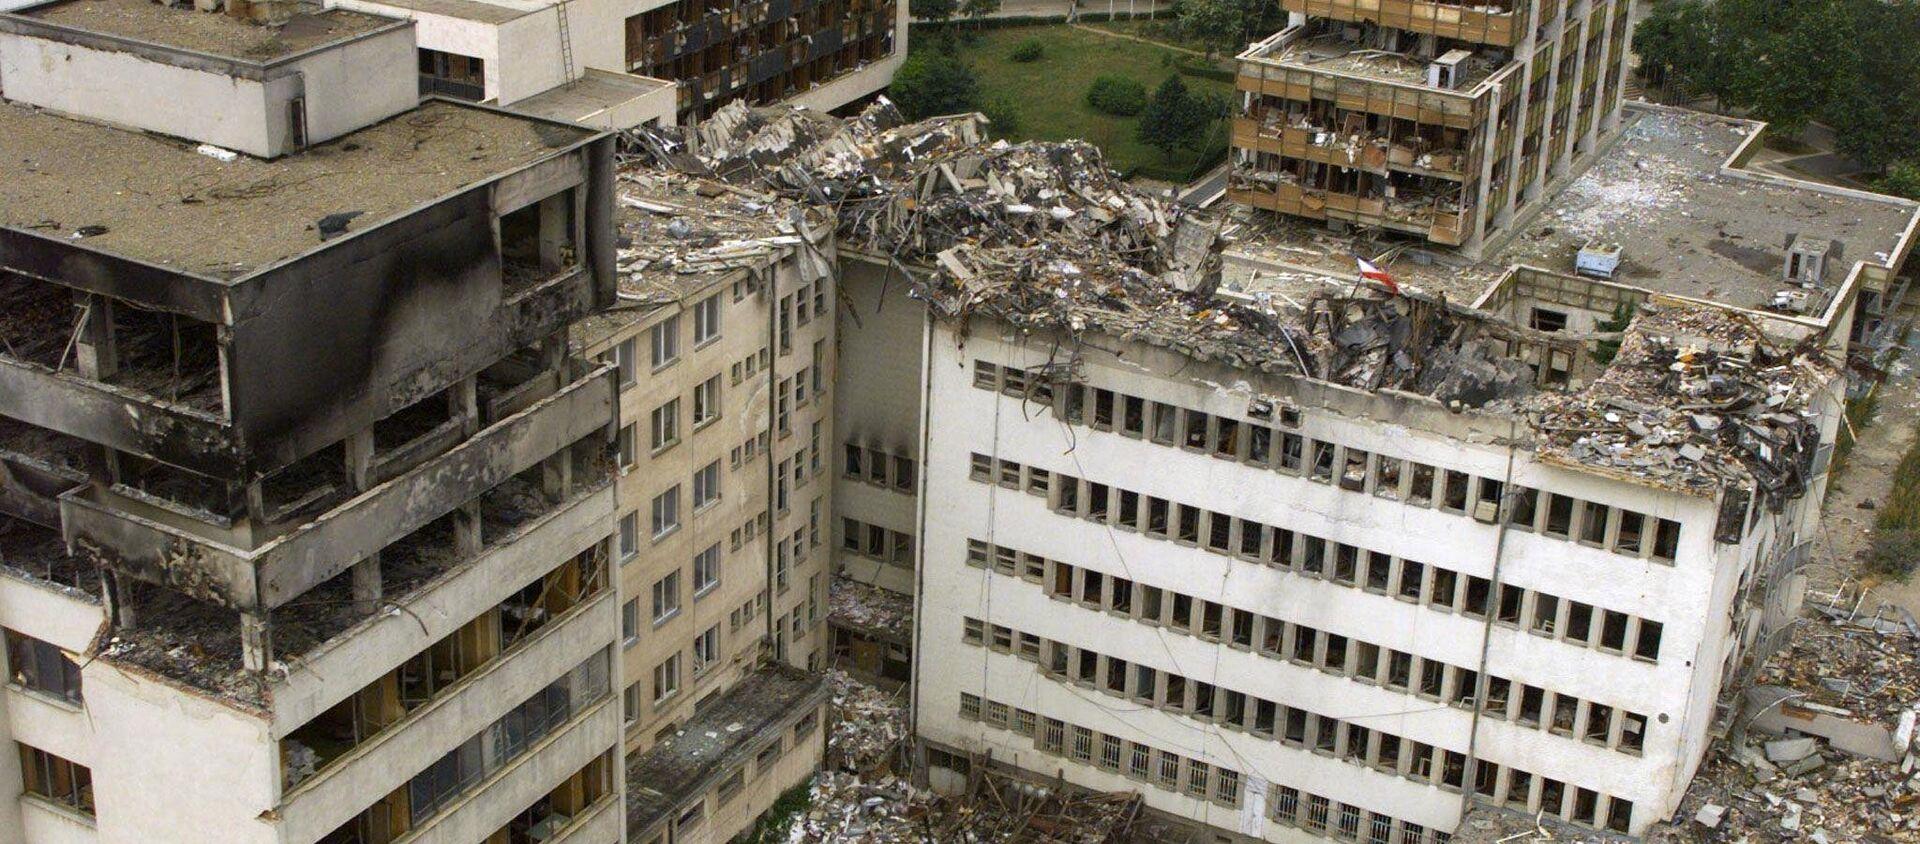 Rovine di Pristina dopo i bombardamenti NATO nel 1999 - Sputnik Italia, 1920, 07.02.2018